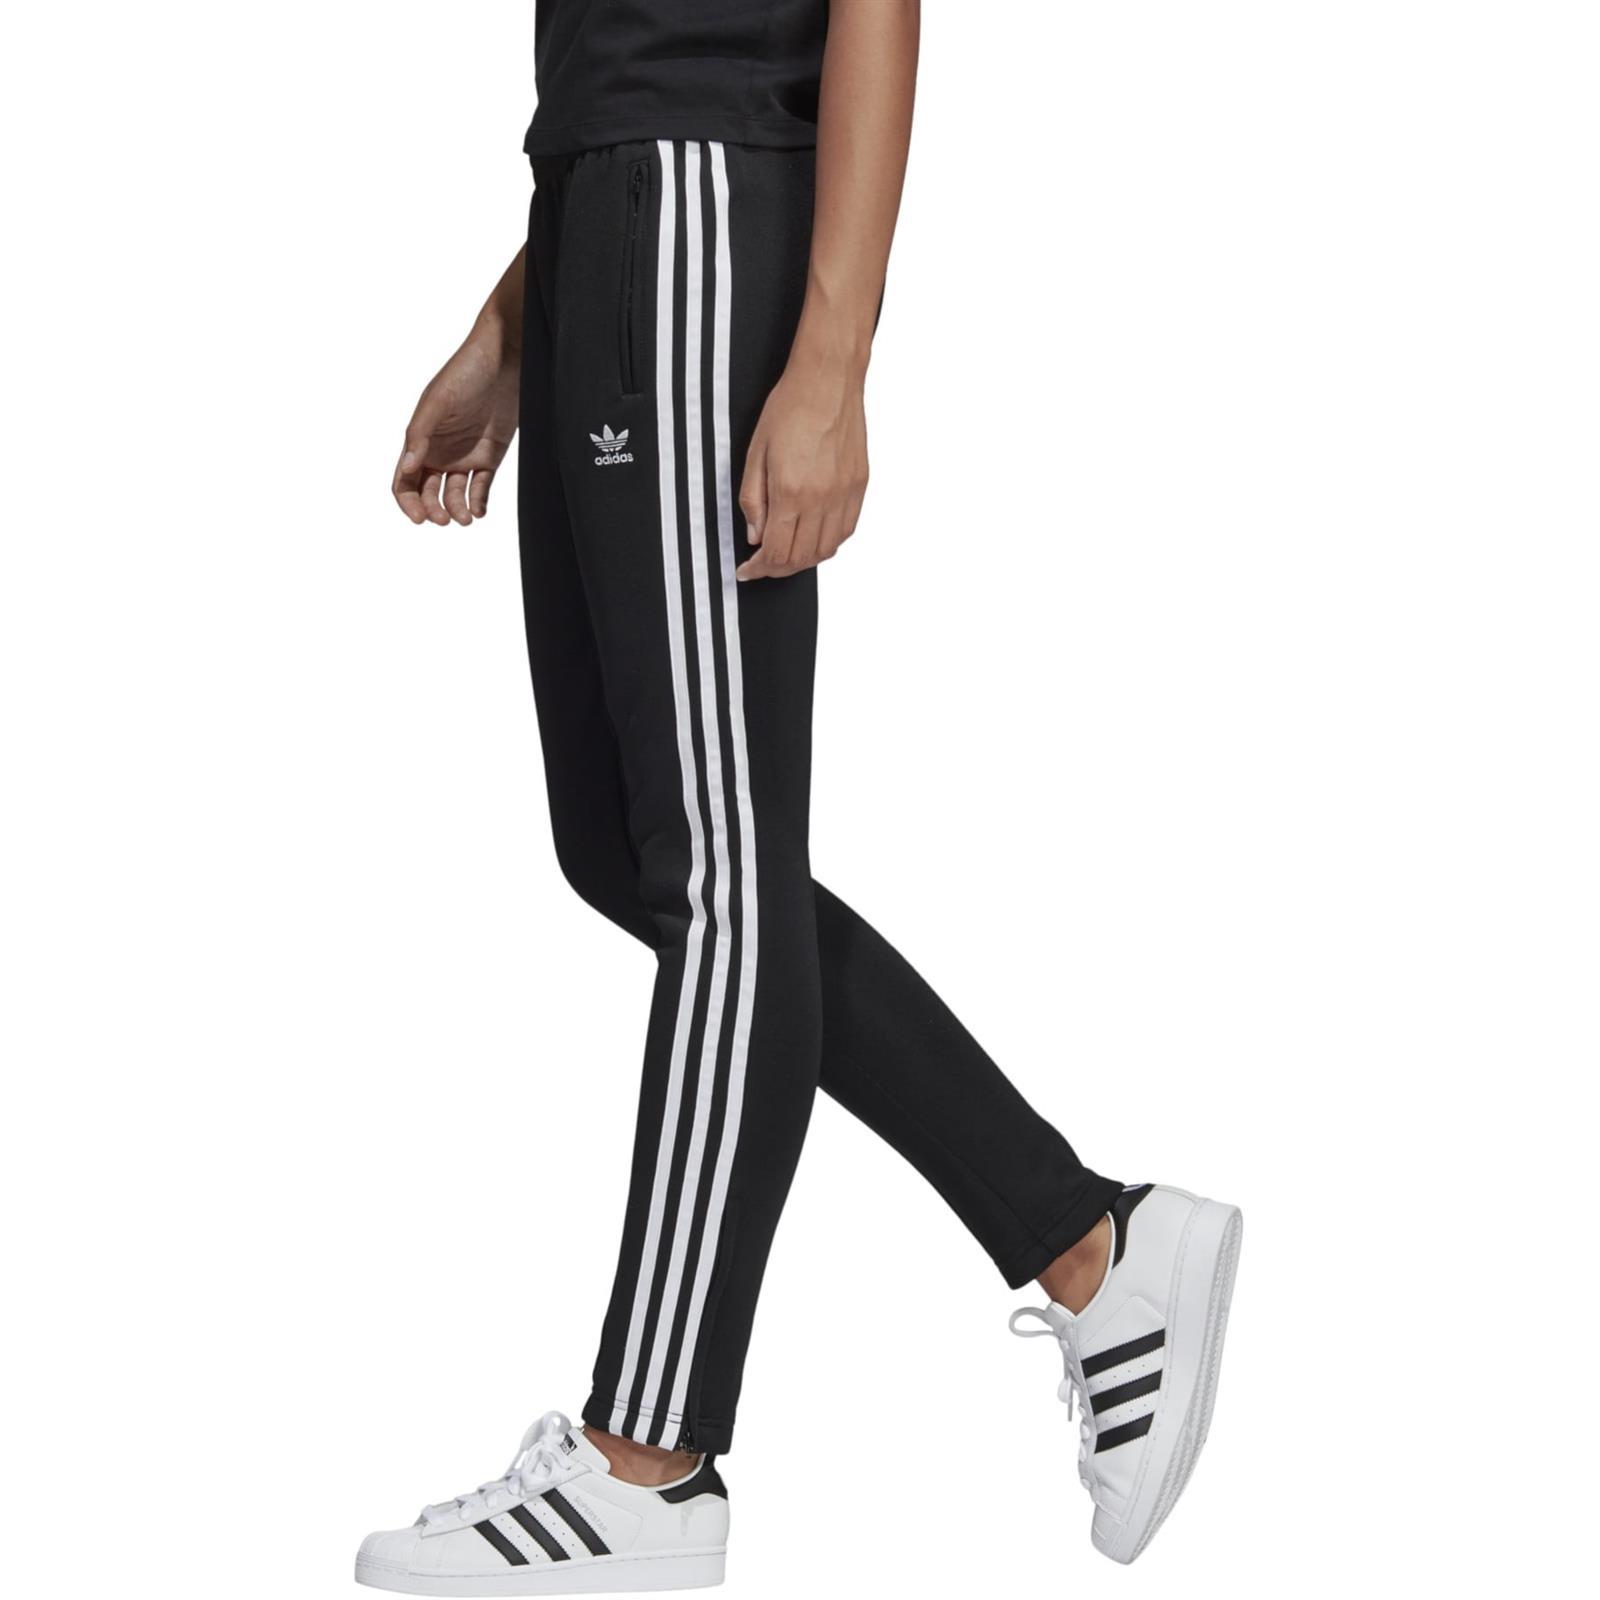 Spodnie dresowe adidas SST CE2400